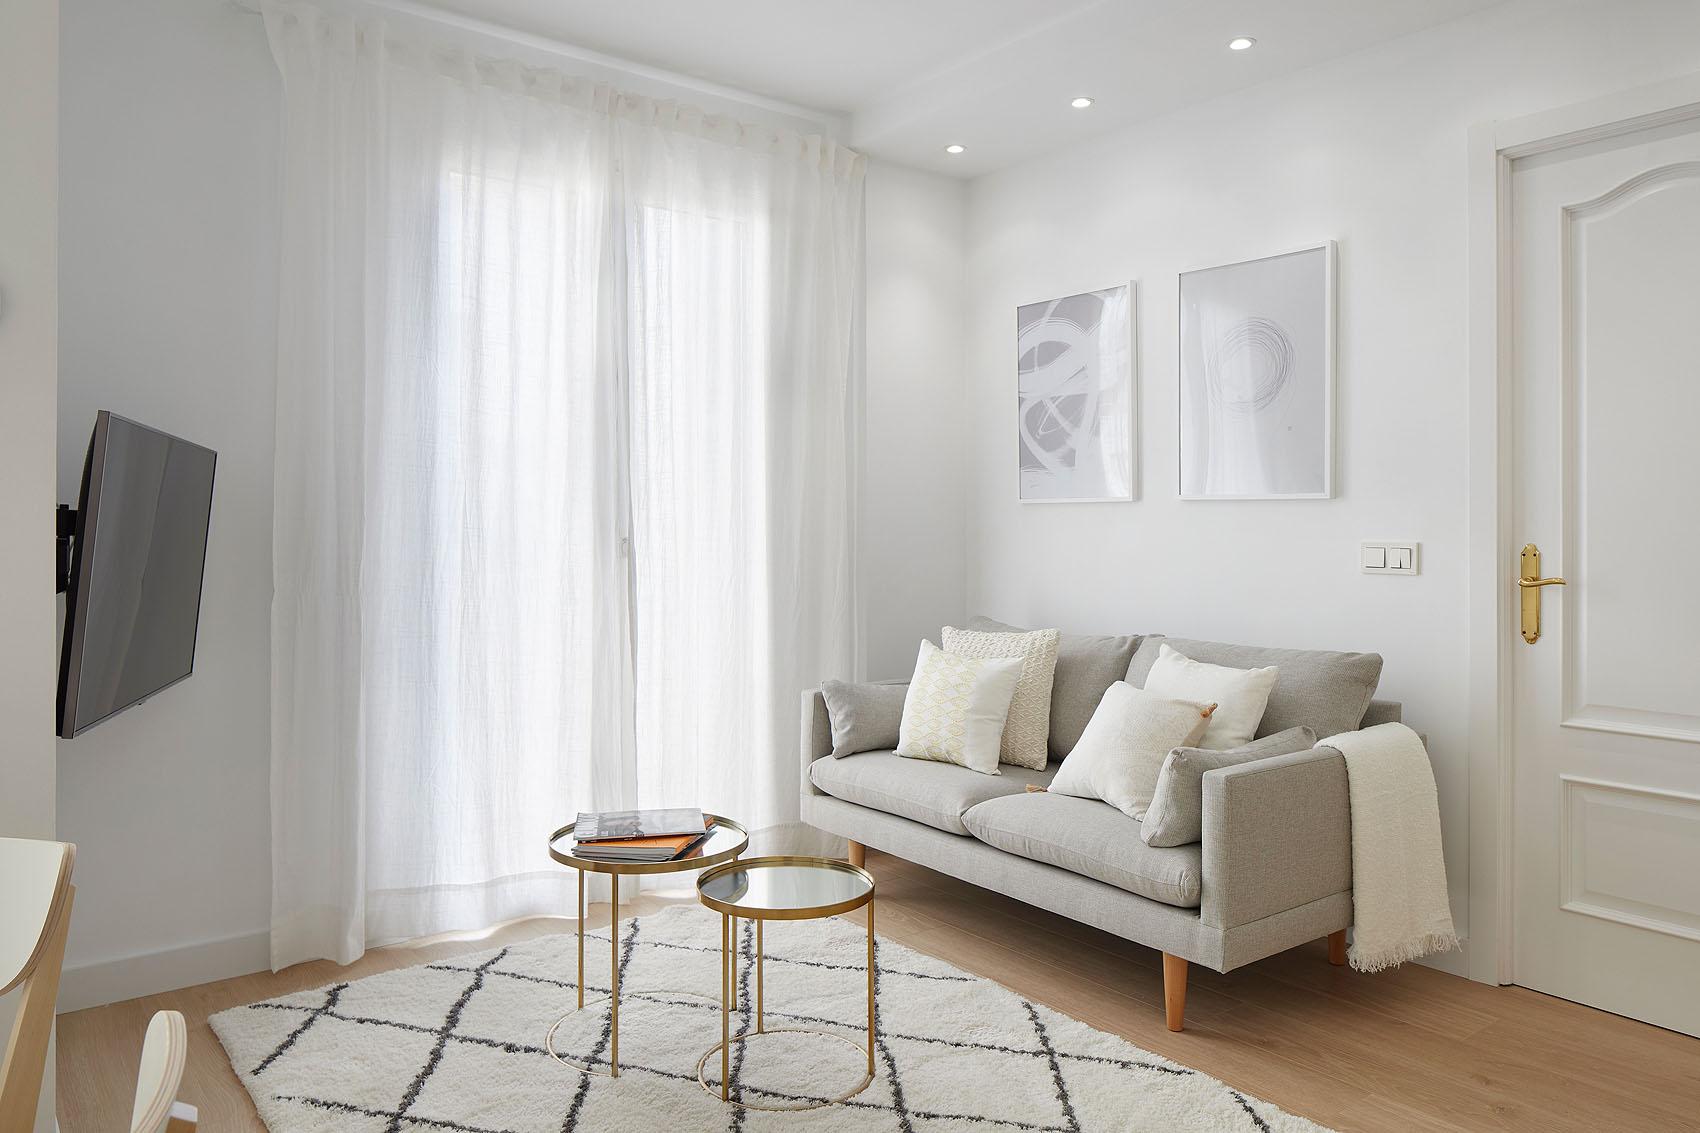 Apartamento en el Barrio de Gros - Iñaki Caperochipi - Fotografía